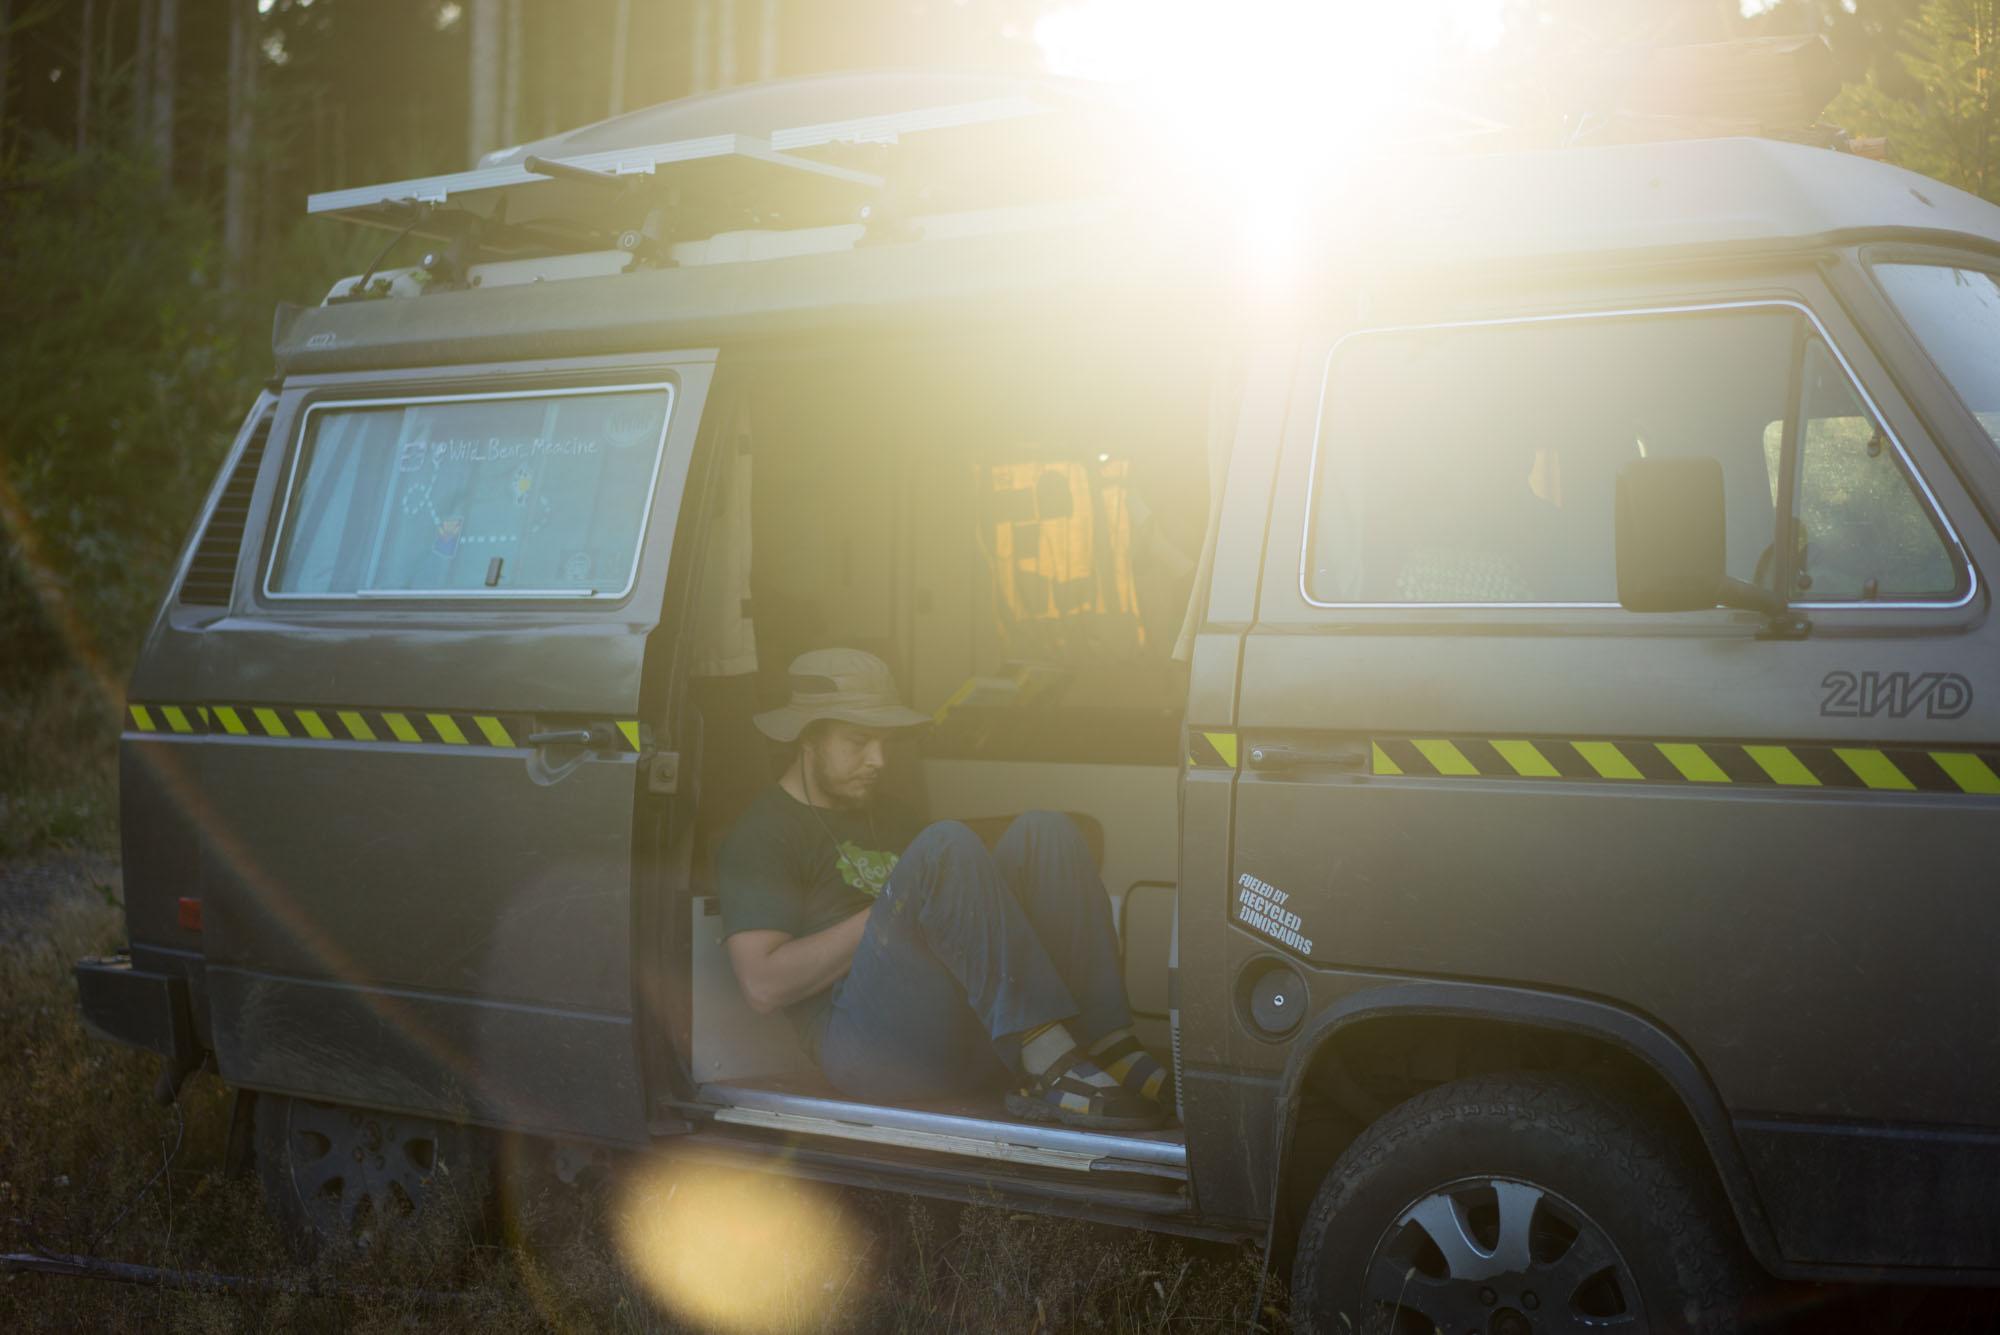 DJ at a campsite